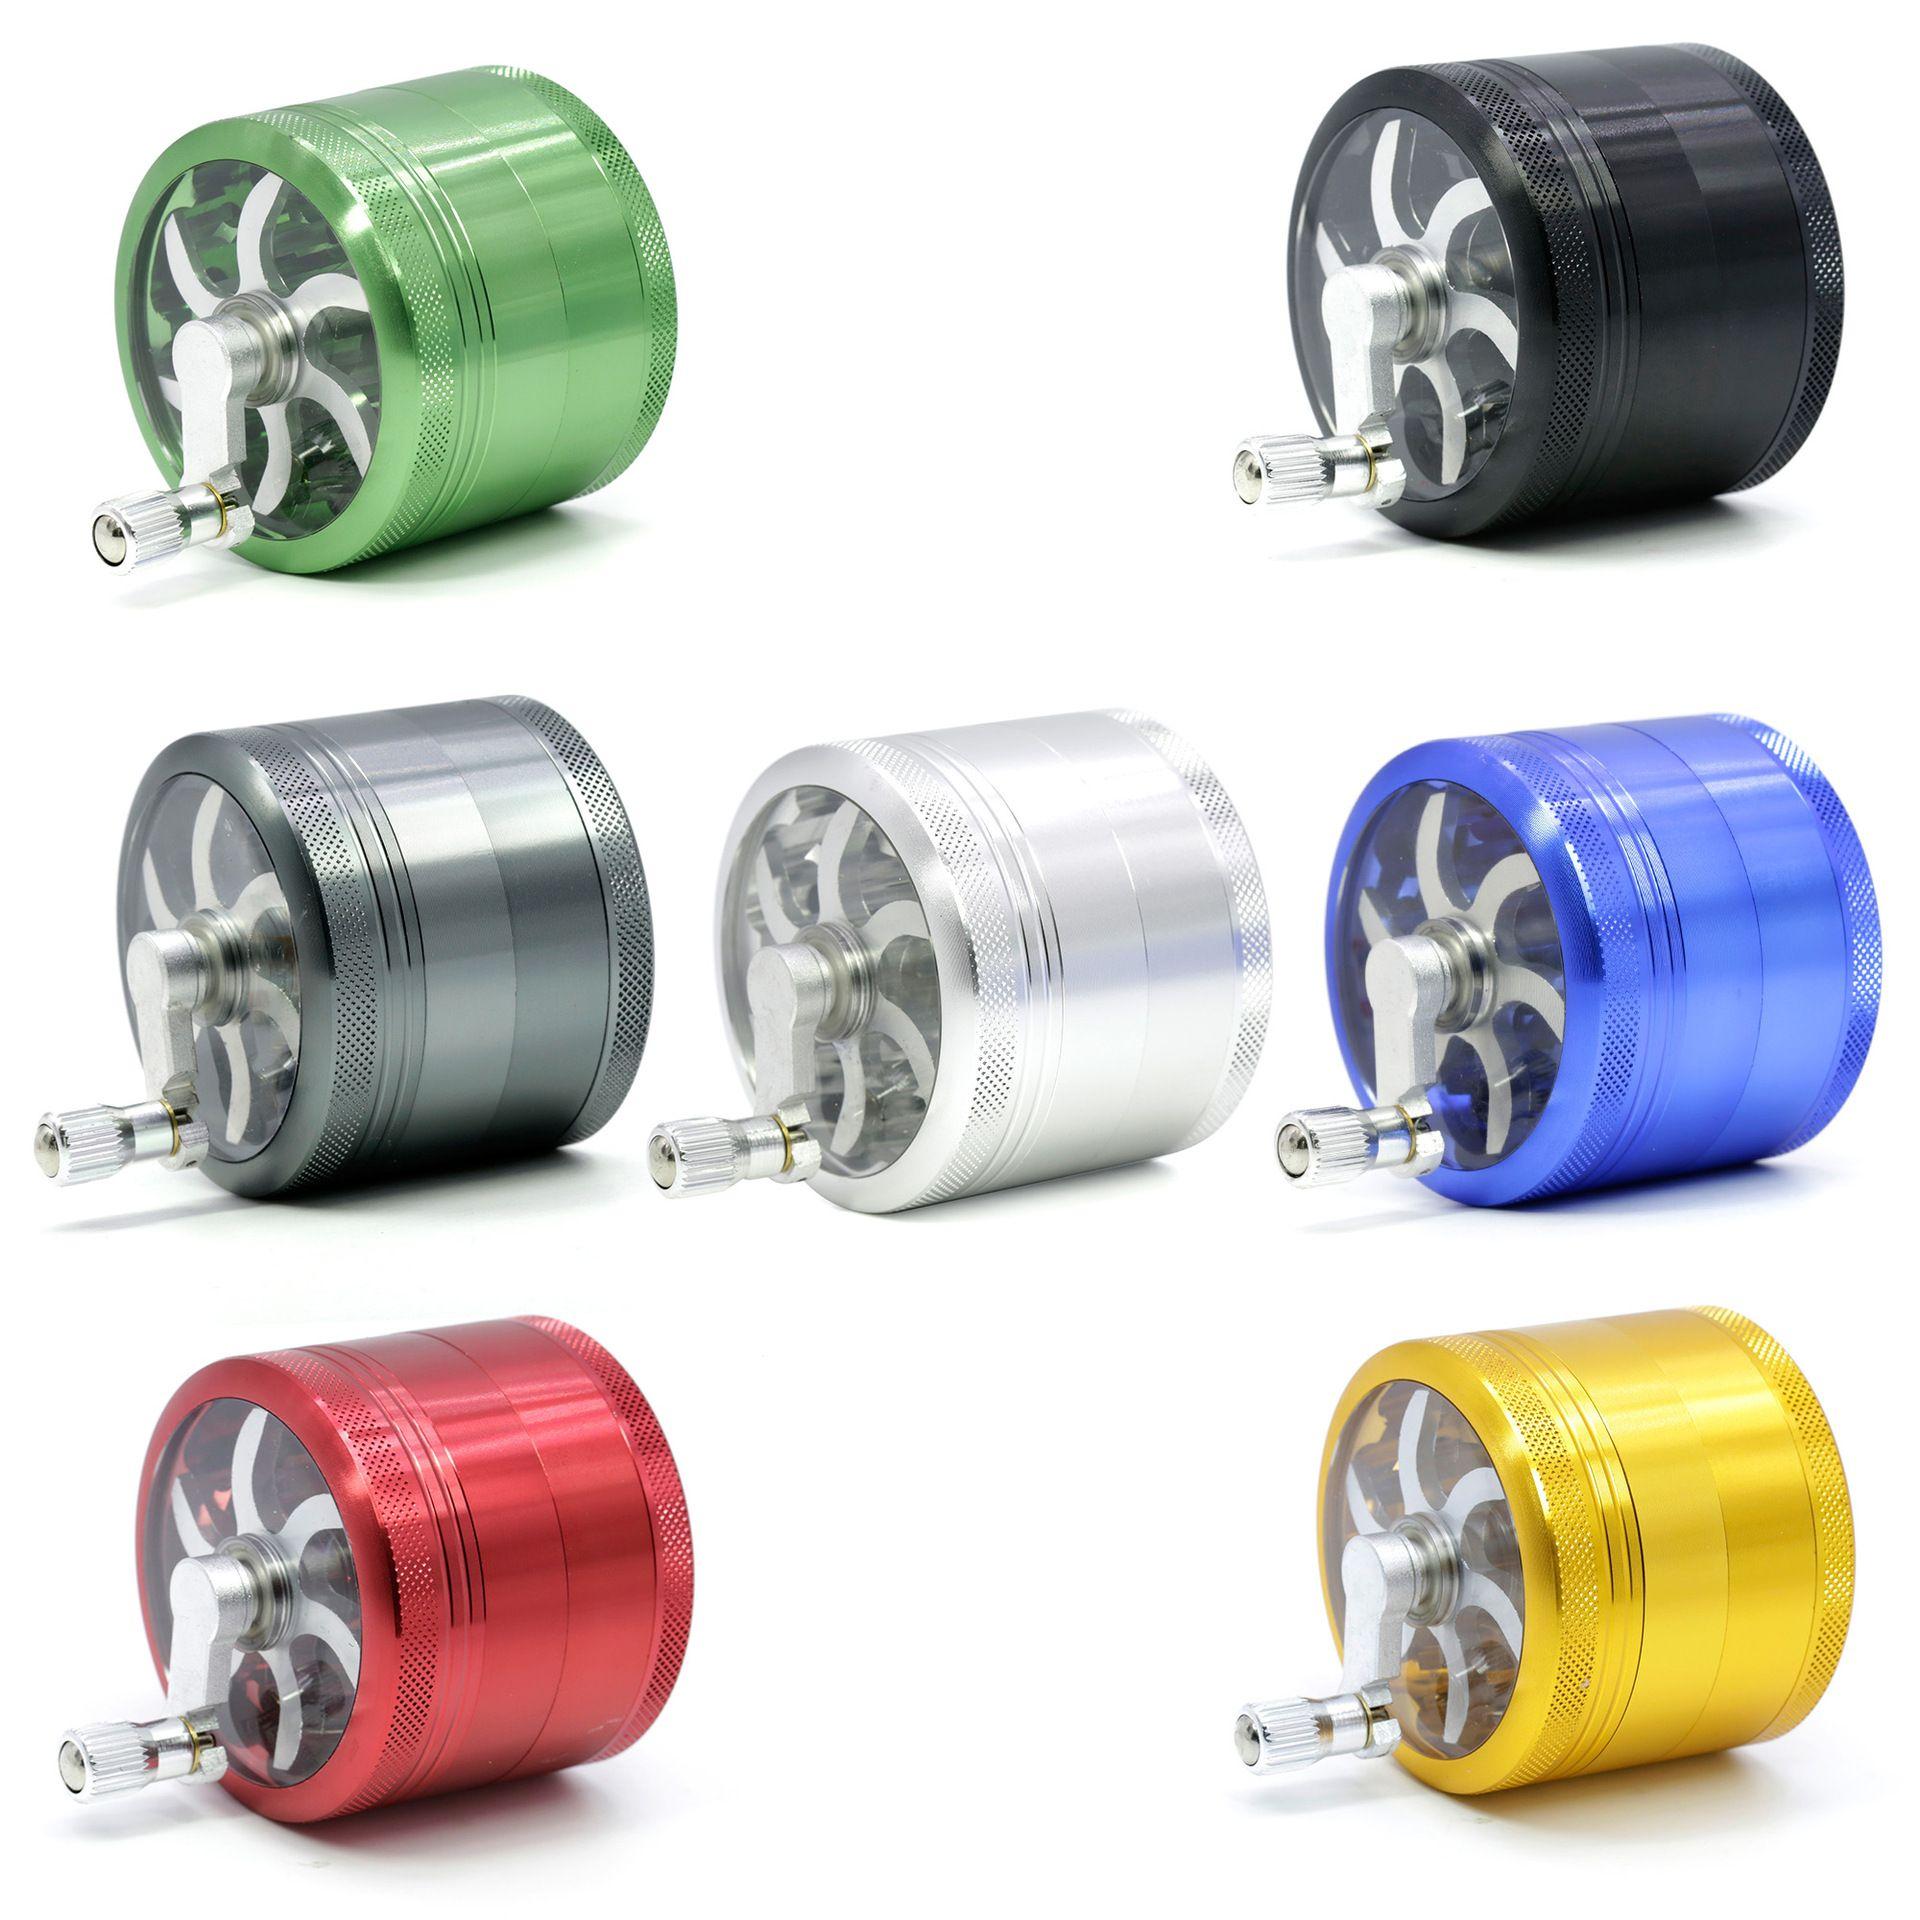 63mm herb grinder smoking grinders size CNC grinder 5 colors metal cnc teeth tobacco hand grinder 4 parts